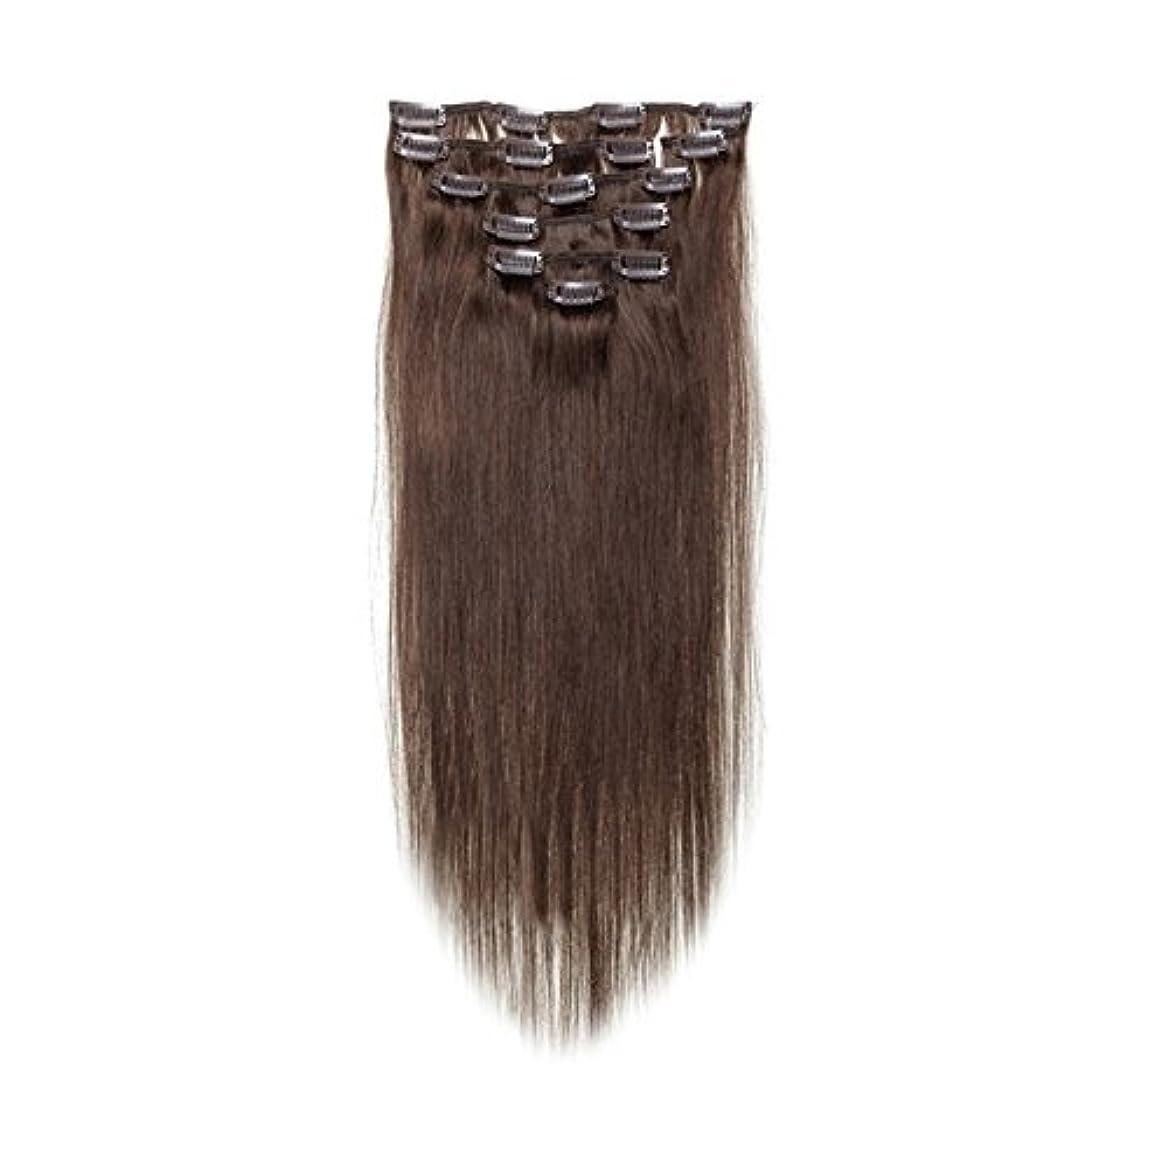 リス投獄水差しヘアエクステンション,SODIAL(R) 女性の人間の髪 クリップインヘアエクステンション 7件 70g 20インチ ダークブラウン